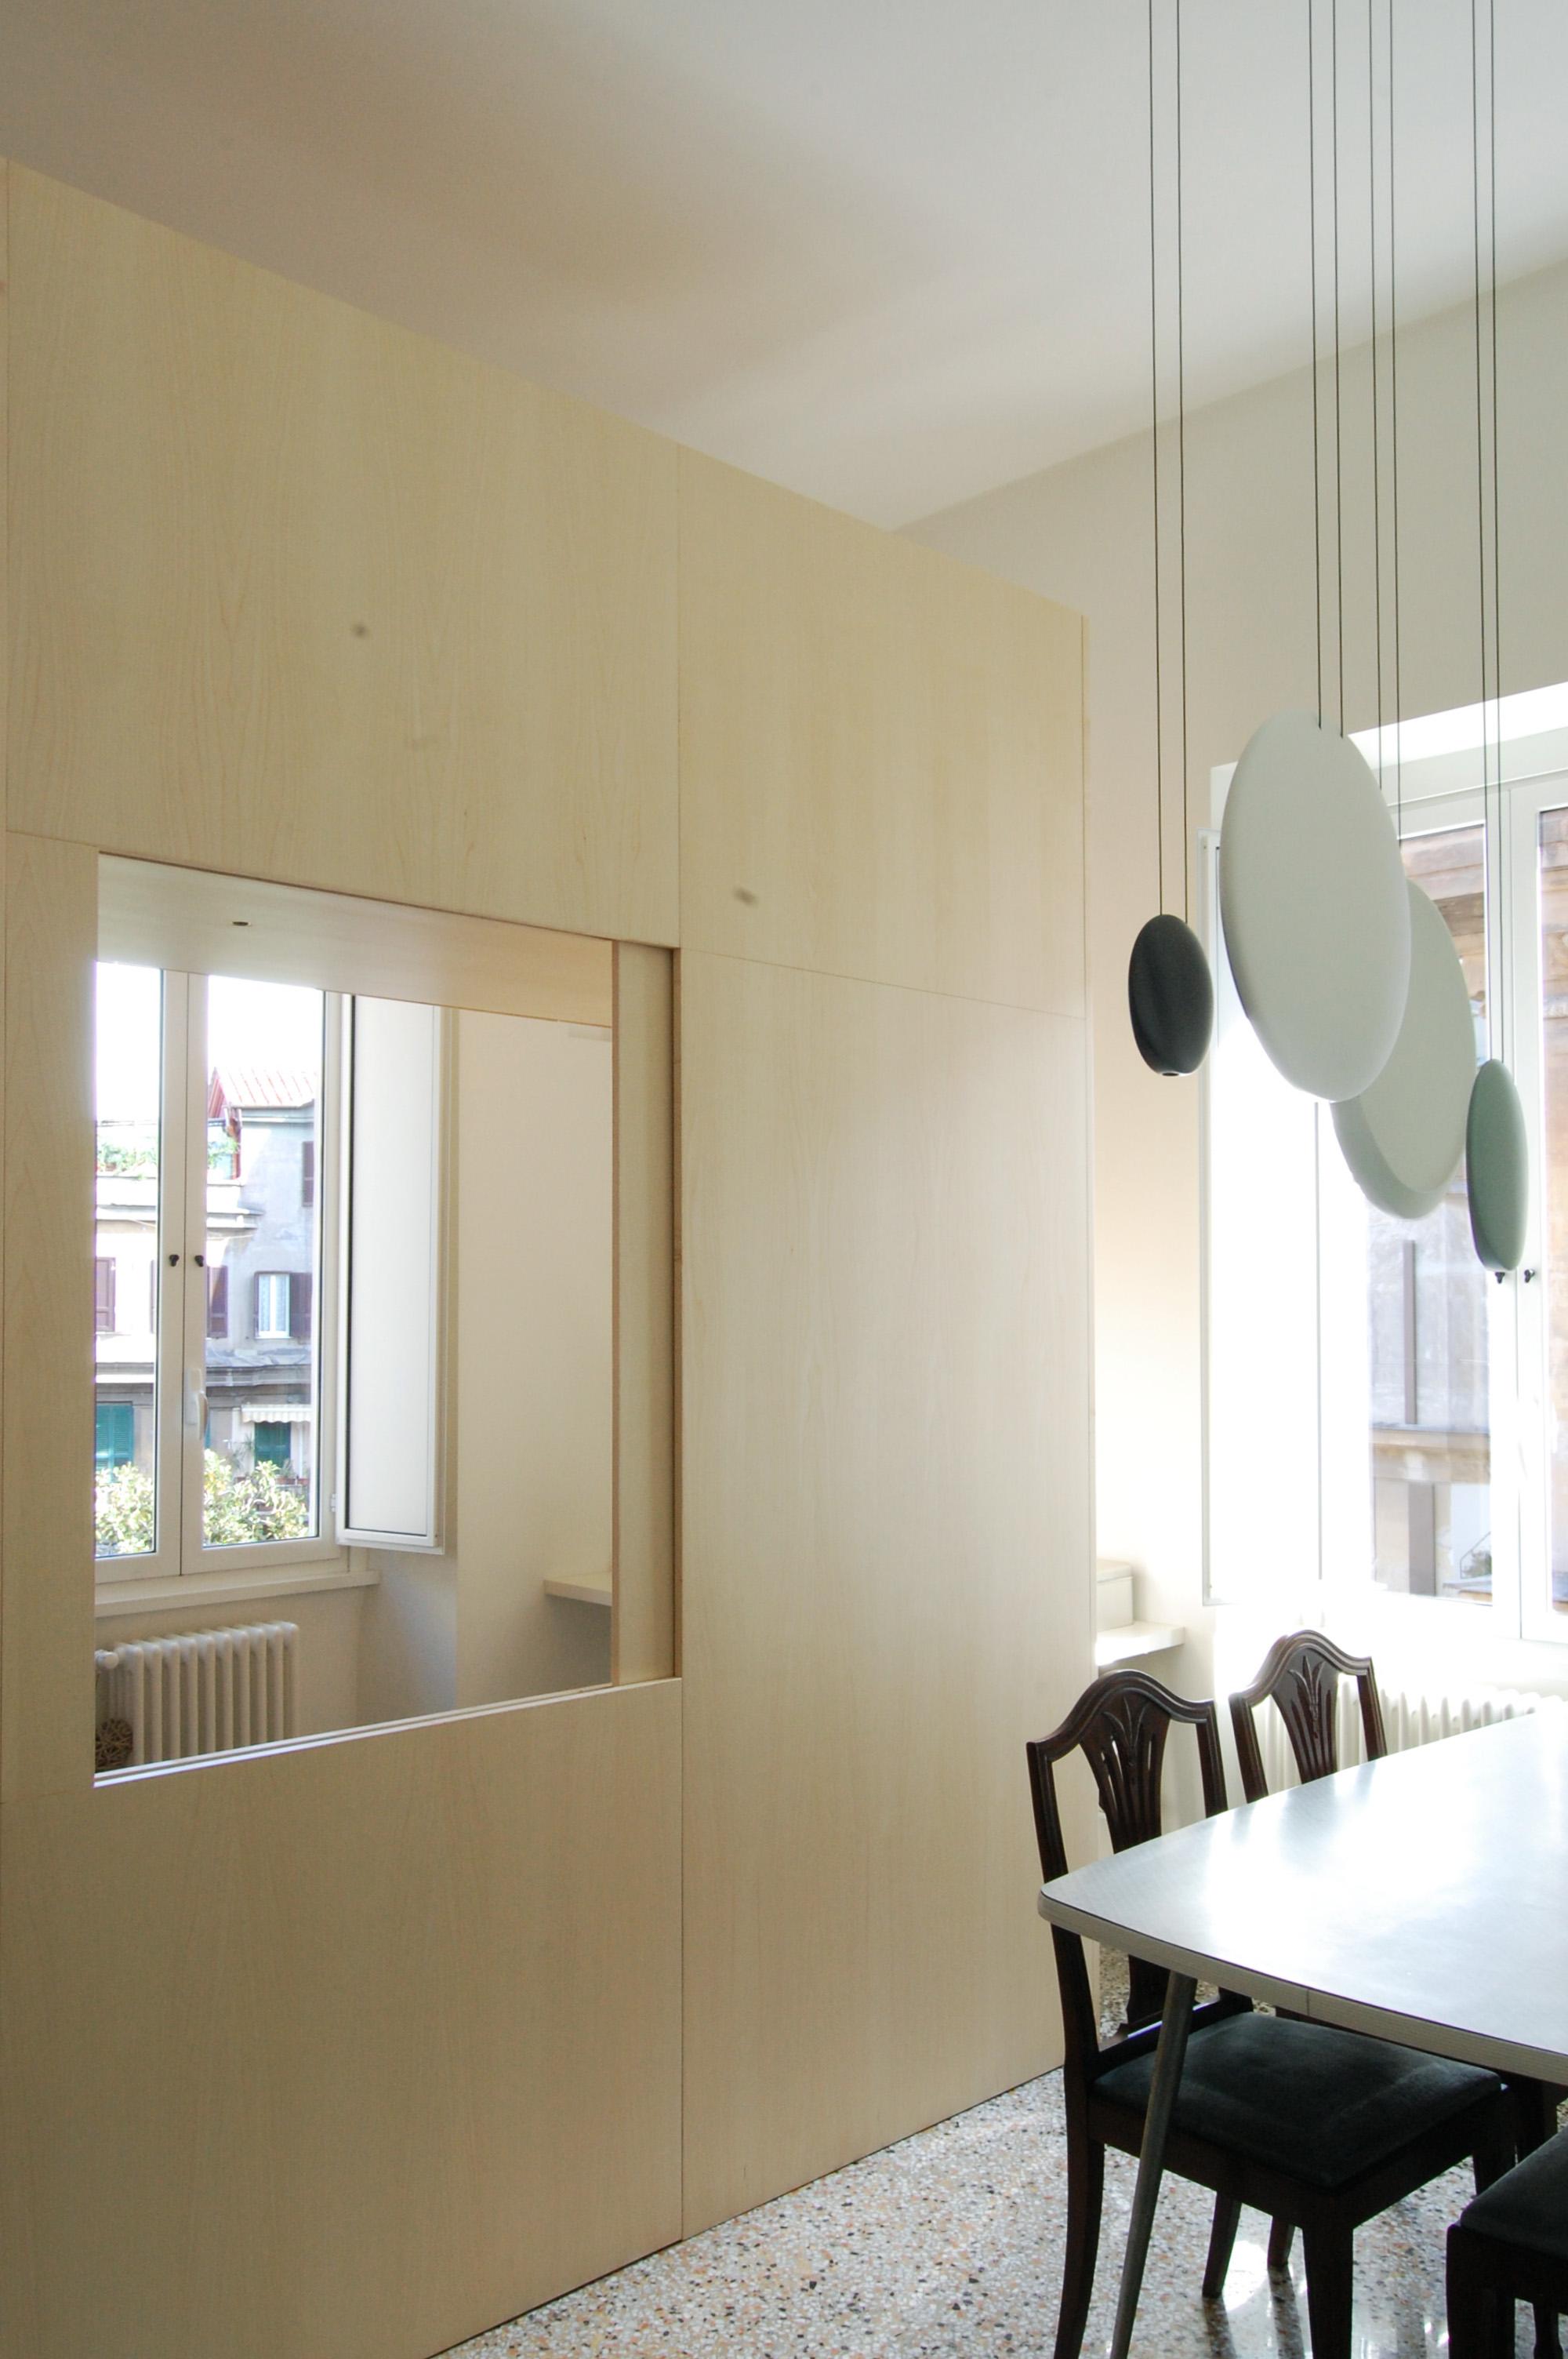 Il volume in legno con la sua apertura verso la zona pranzo. Interamente realizzato in falegnameria, è completamente isolabile con pannelli scorrevoli dalla zona living, per essere facilmente utilizzabile come spazio per gli ospiti.